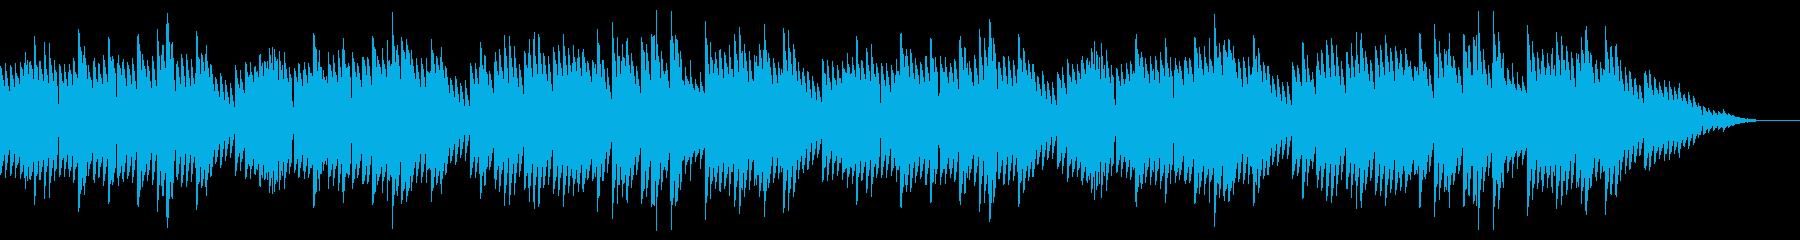 8bitクラシック-メヌエット-の再生済みの波形